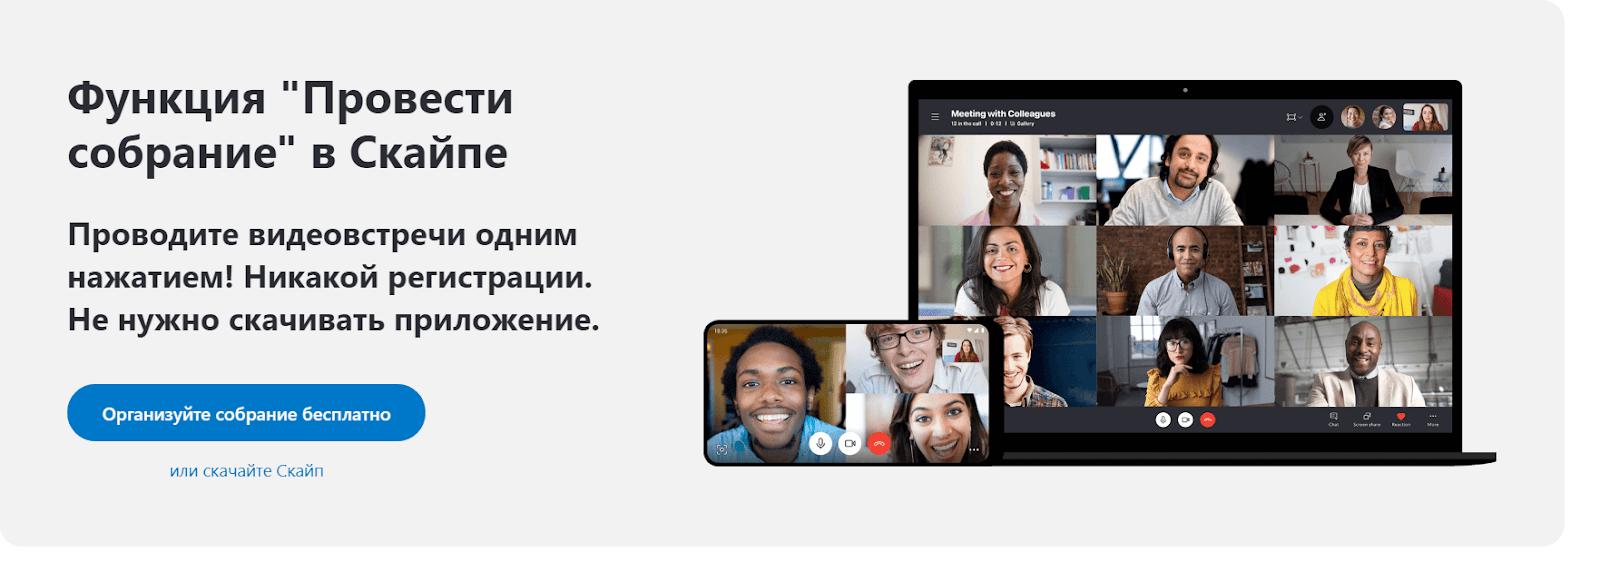 Skype предлагает организовать собрание прямо сейчас бесплатно, без регистрации и даже без загрузки приложения